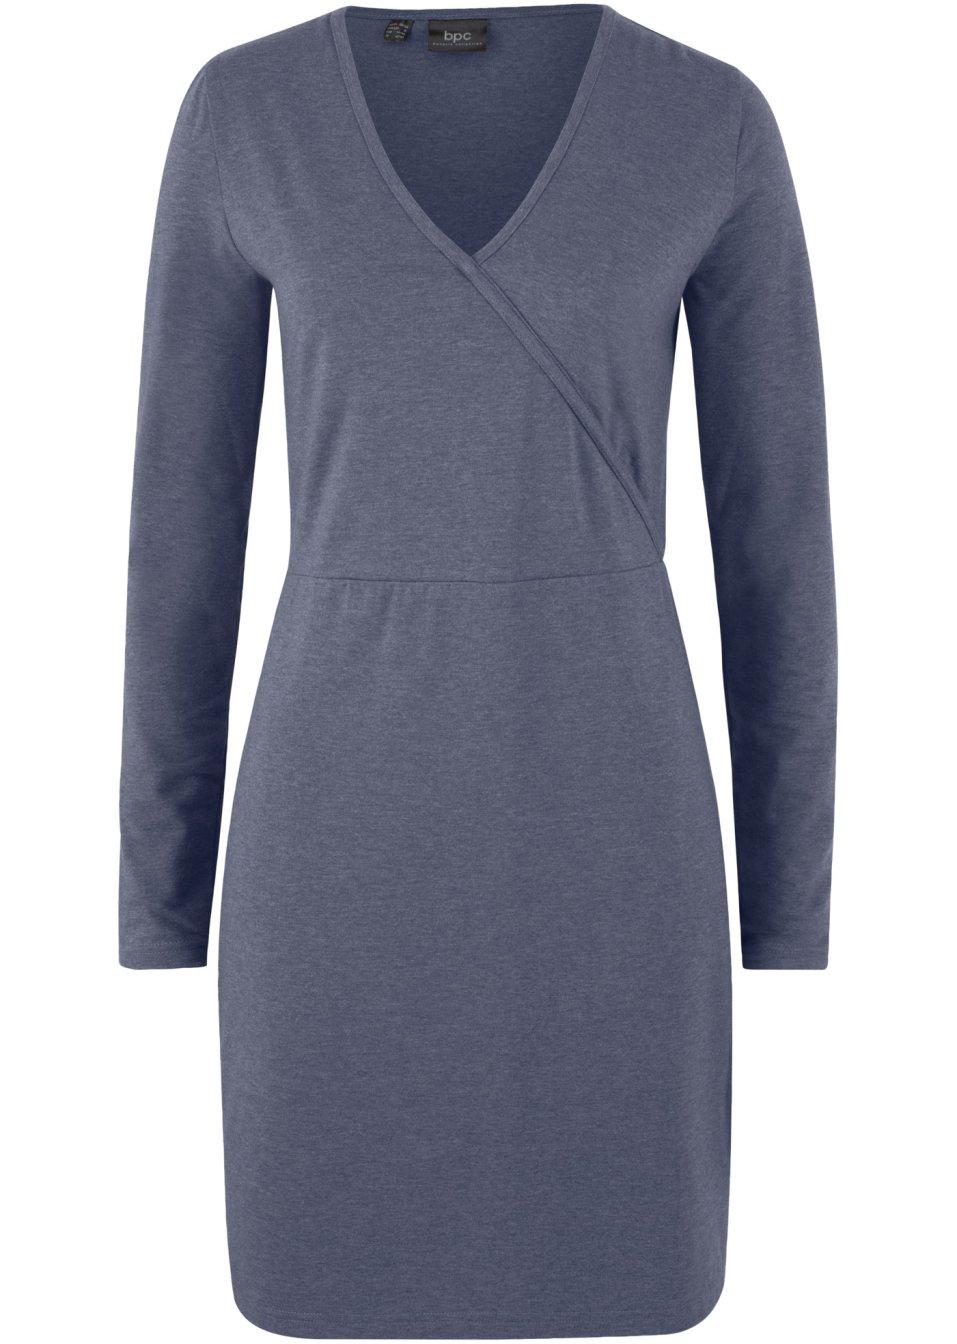 shirtkleid in wickeloptik blaubeere meliert bpc bonprix collection online bestellen. Black Bedroom Furniture Sets. Home Design Ideas